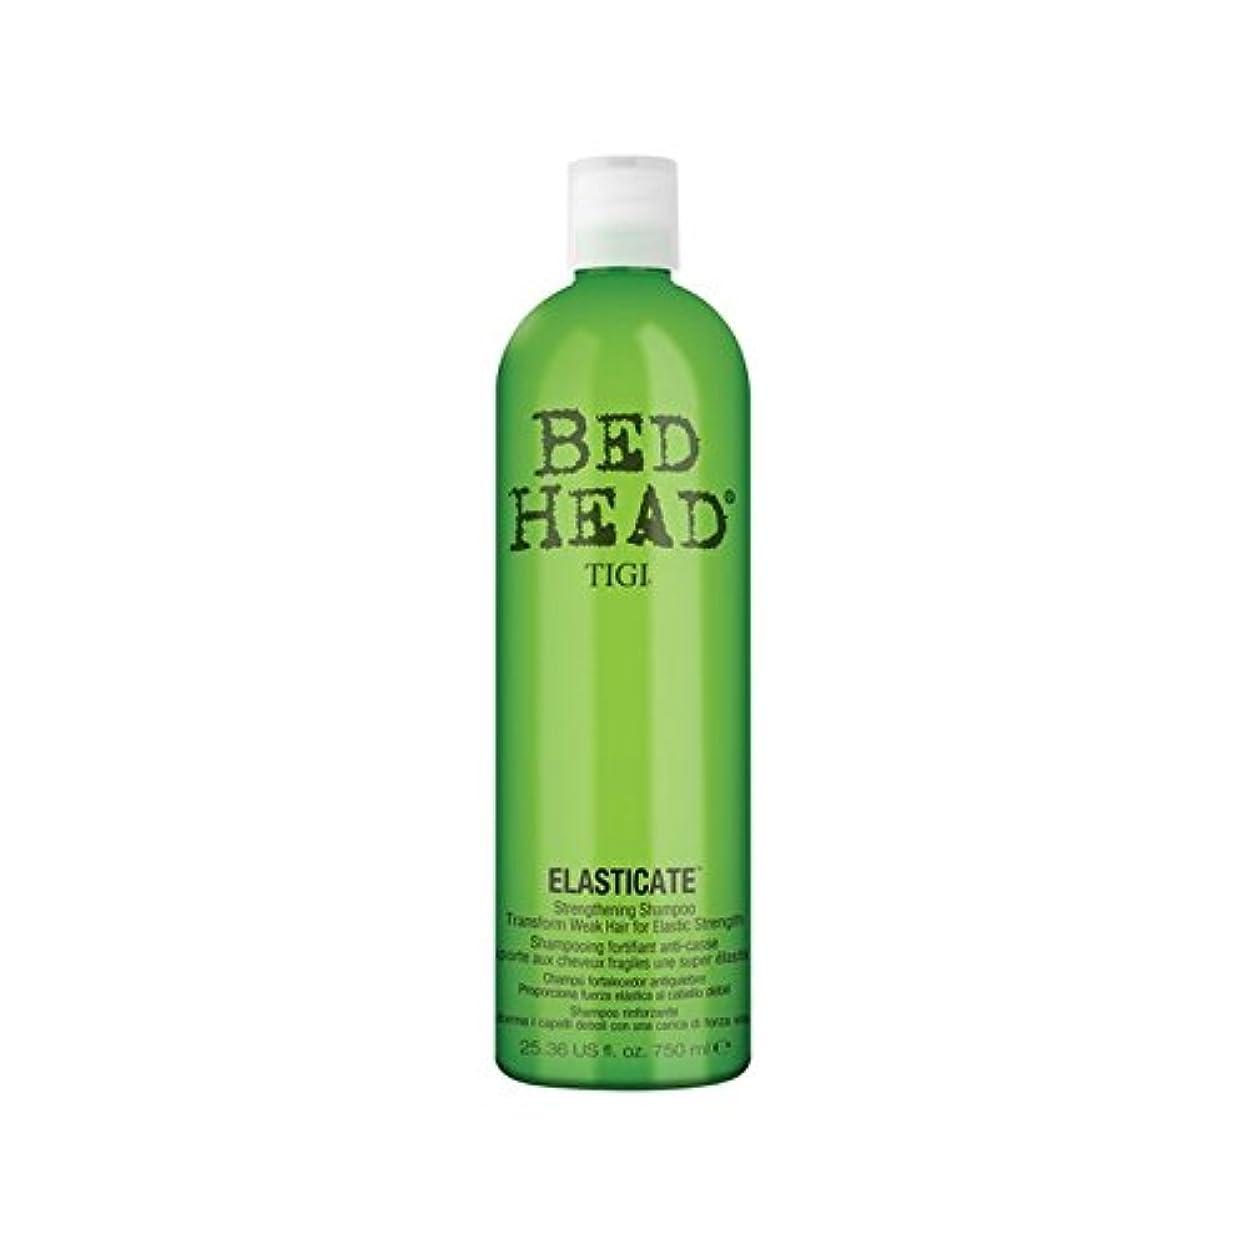 パックトレイ王女Tigi Bed Head Elasticate Shampoo (750ml) - ティジーベッドヘッドシャンプー(750ミリリットル) [並行輸入品]